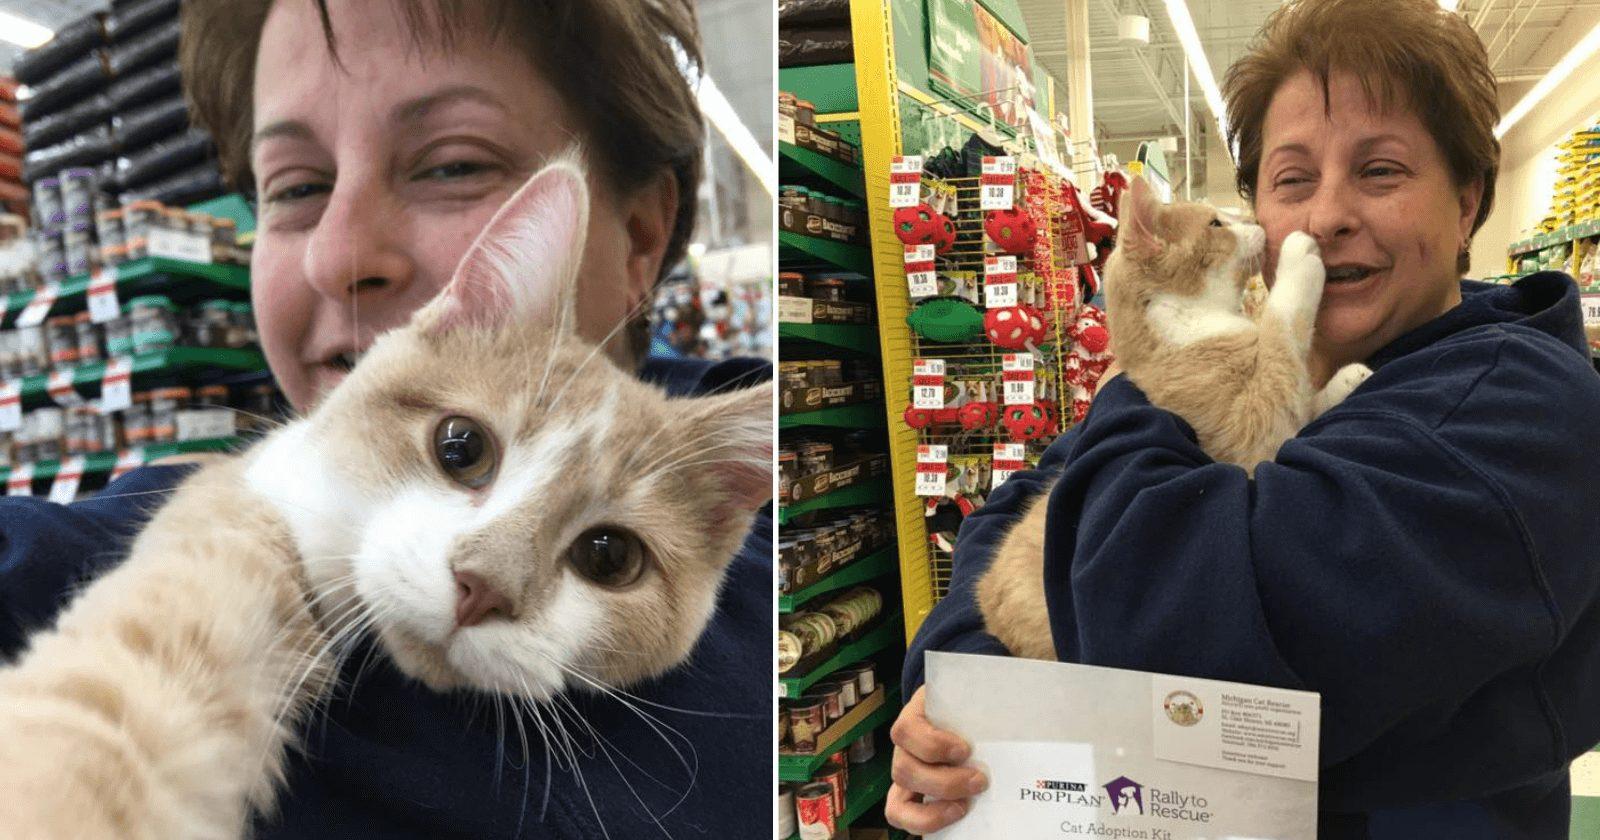 Gato abraça e beija mulher por estar feliz em ser adotado